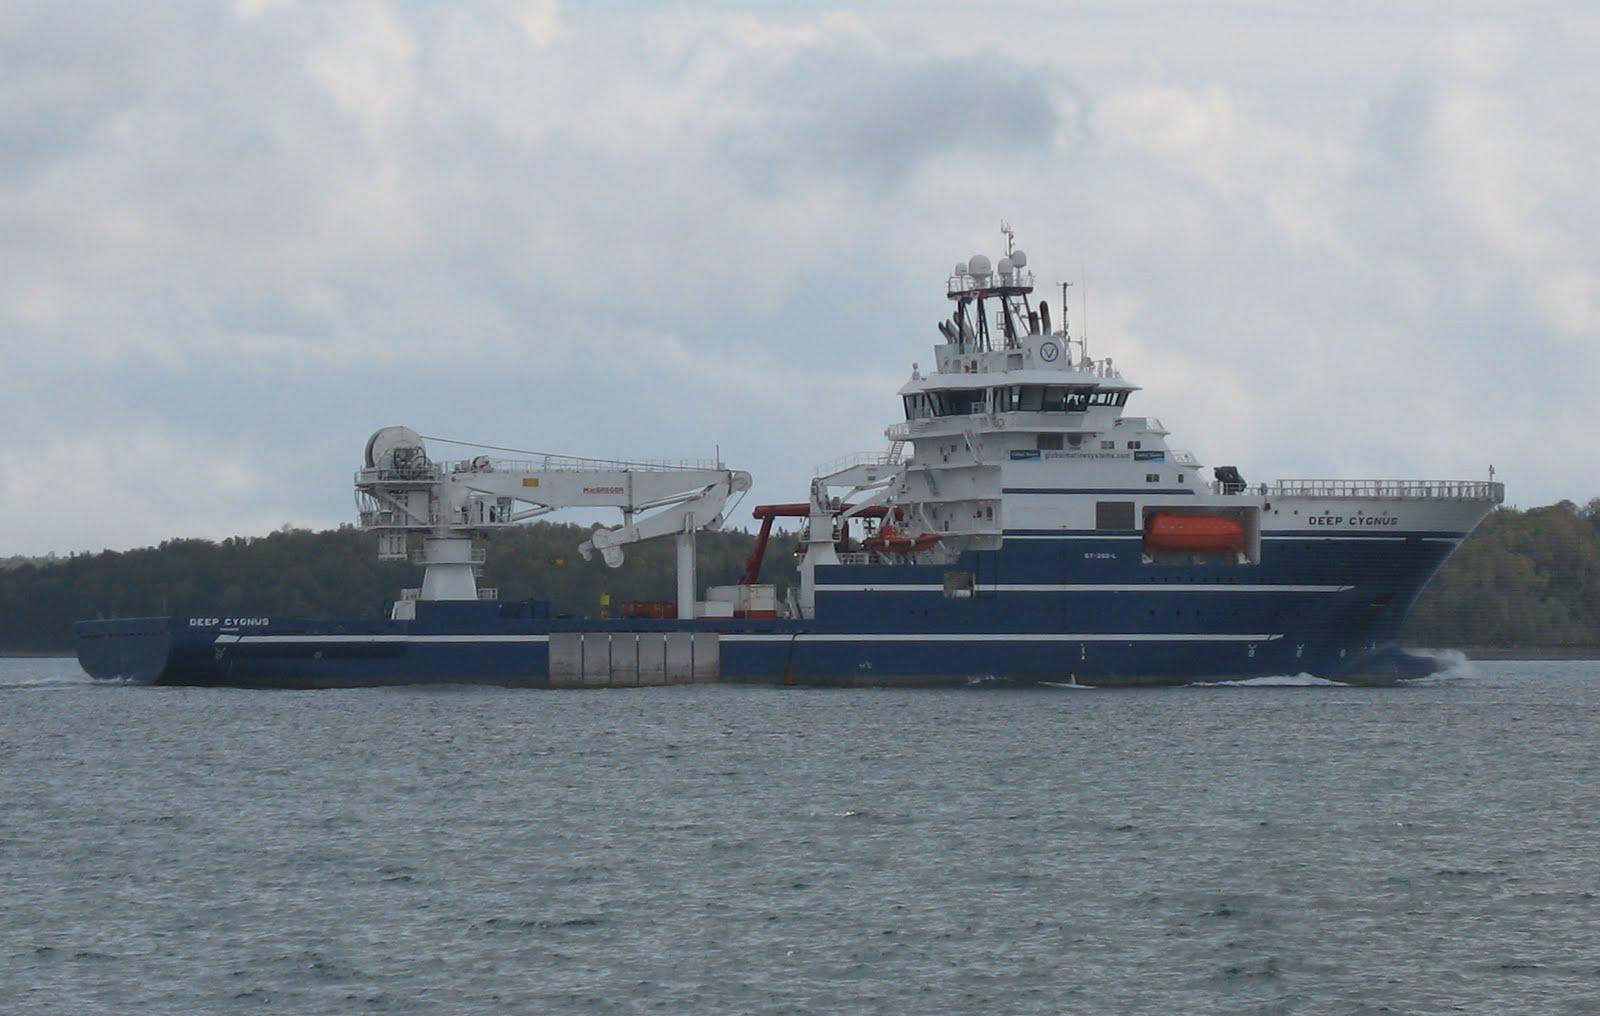 Shipfax September 2010